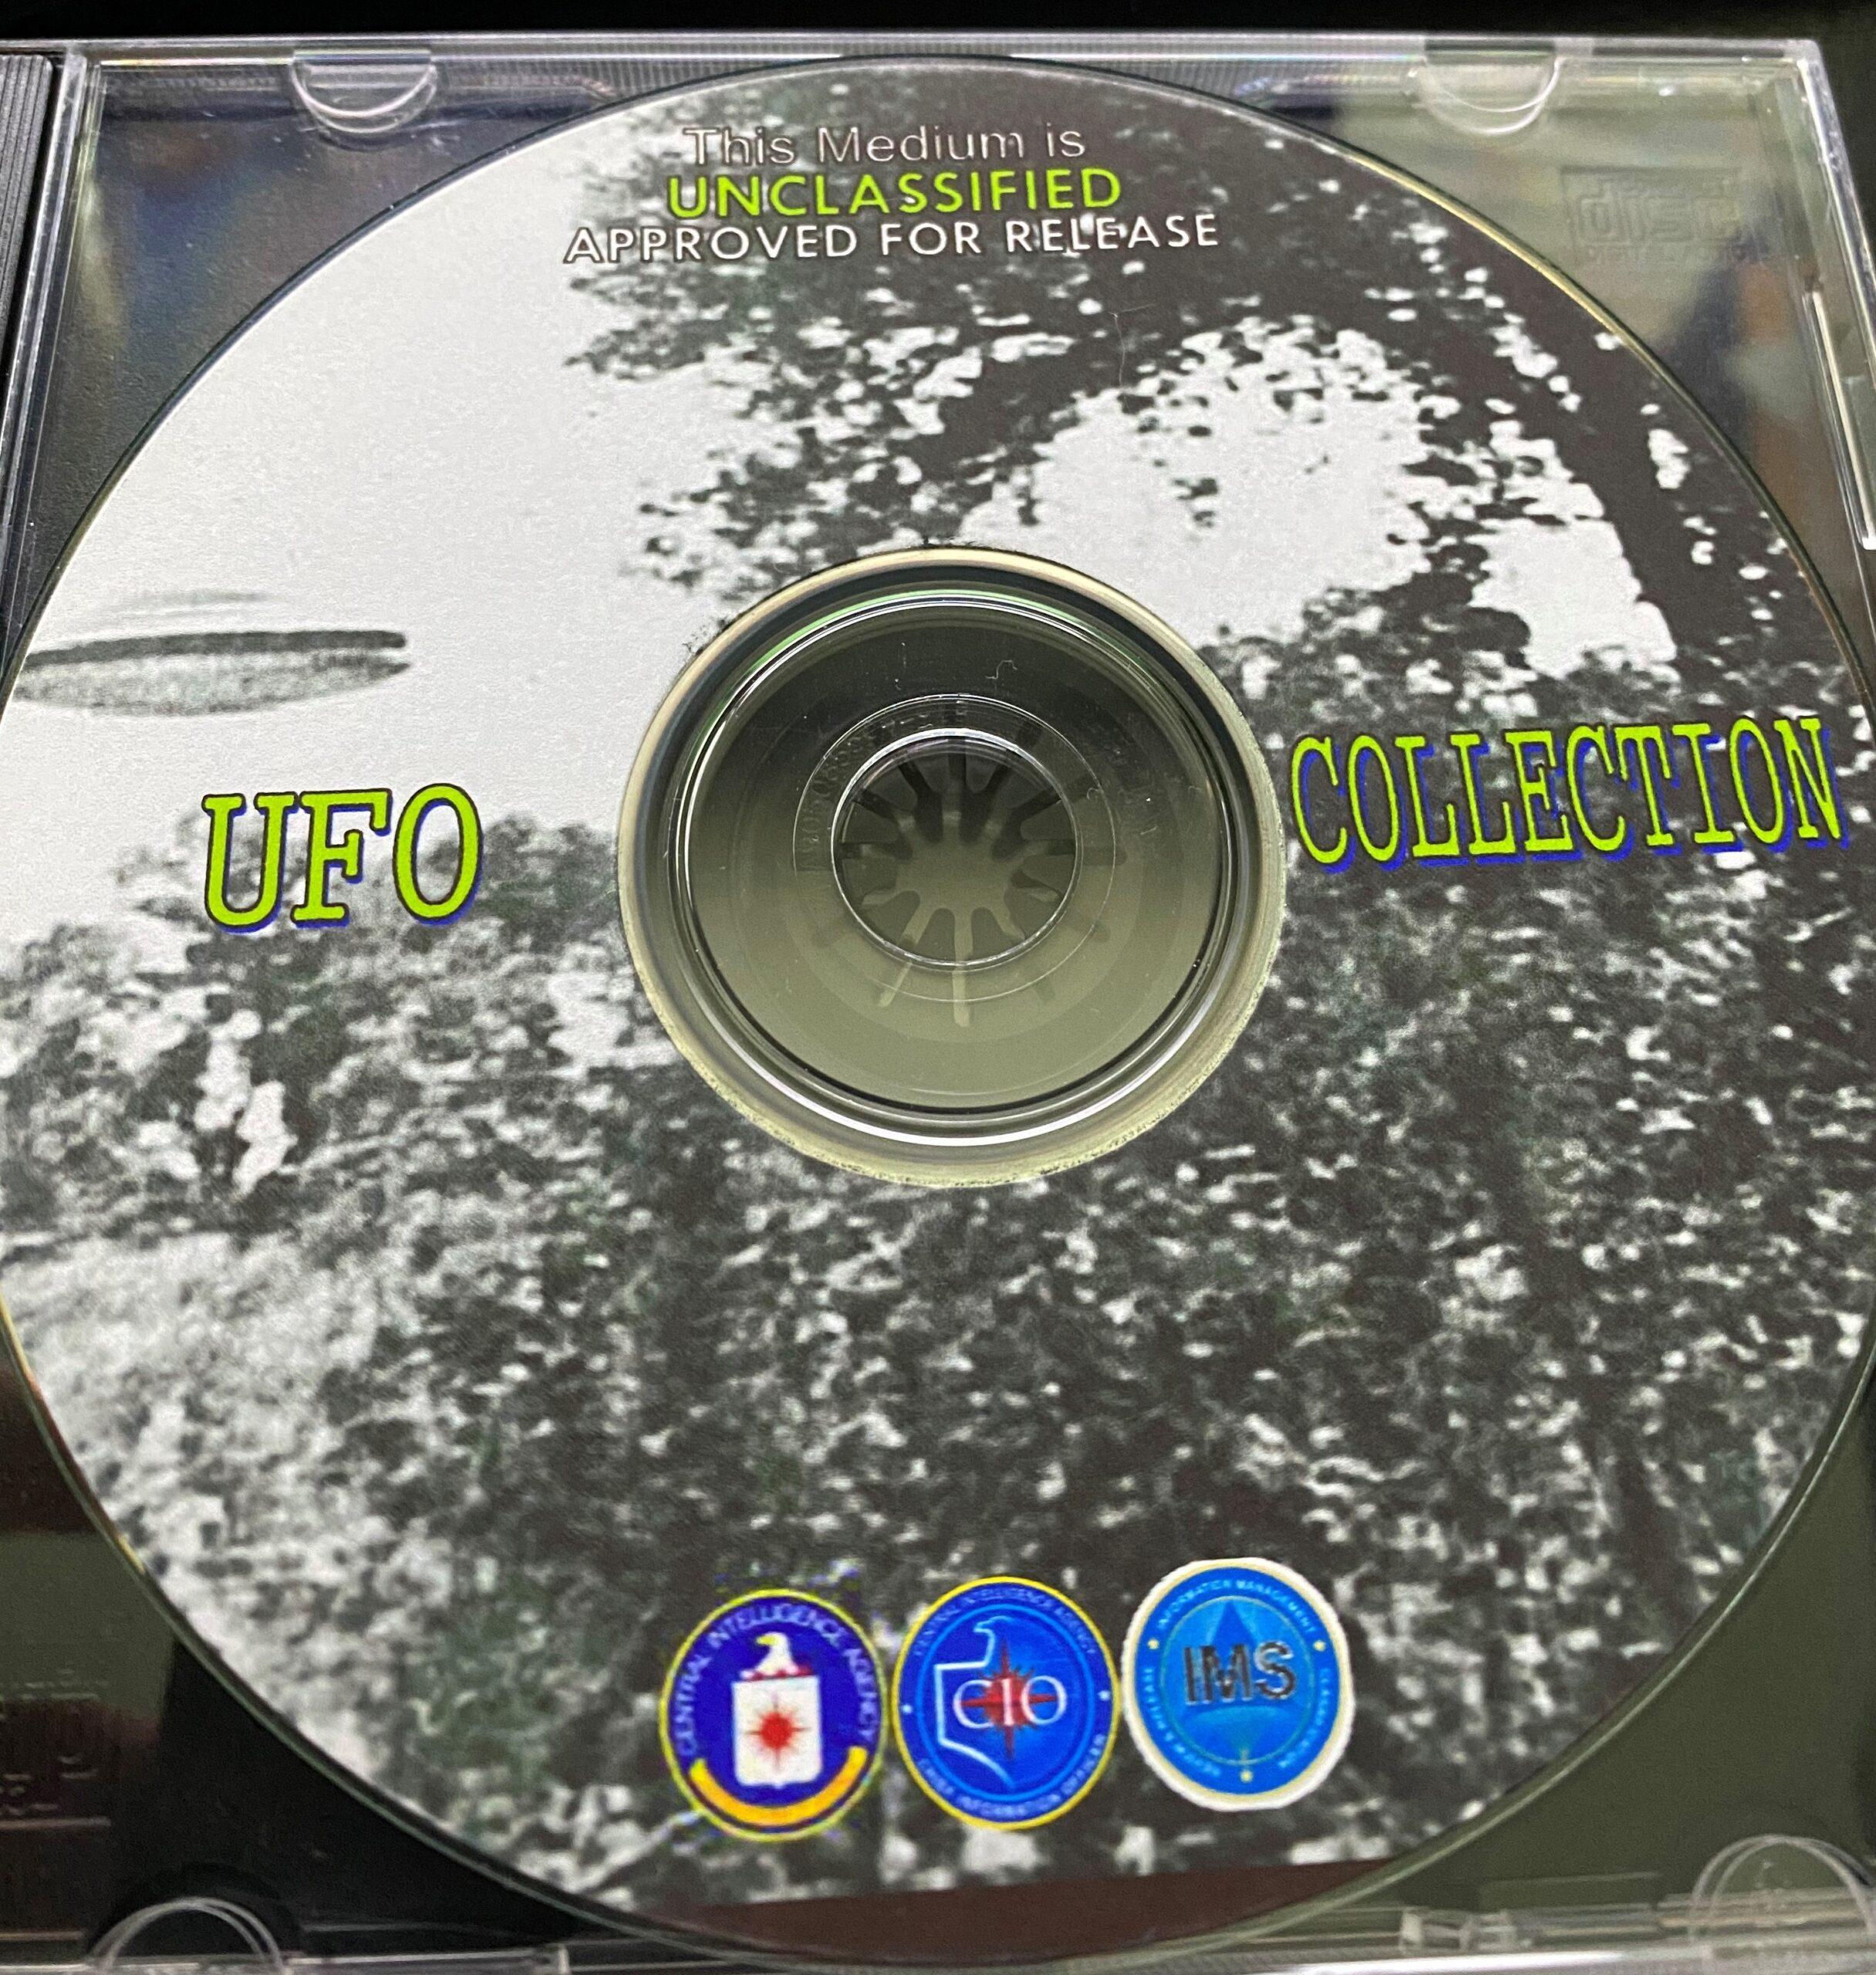 Dépôt de renseignements gouvernementaux sensibles ou DVD bootleg X-Files?  Ce CD-ROM contient près de 2700 pages de documents déclassifiés de la CIA, selon le Black Vault.